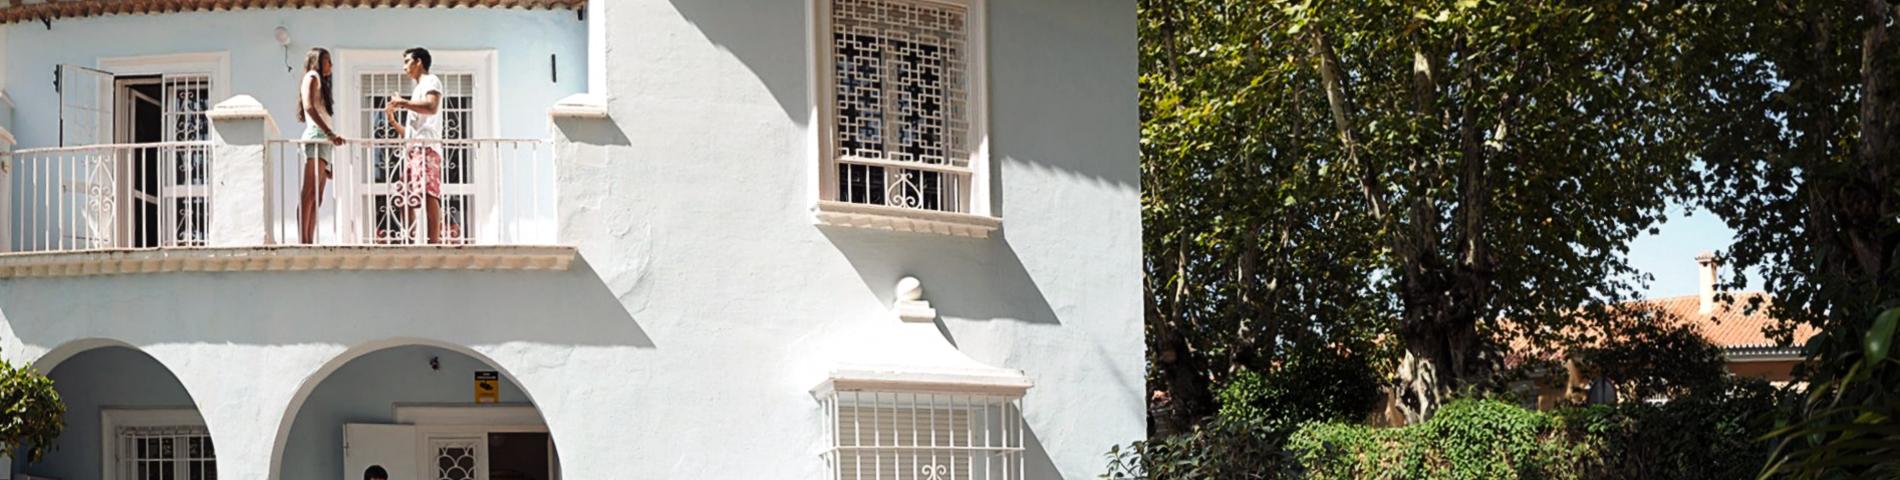 Cervantes Escuela Internacional foto 1